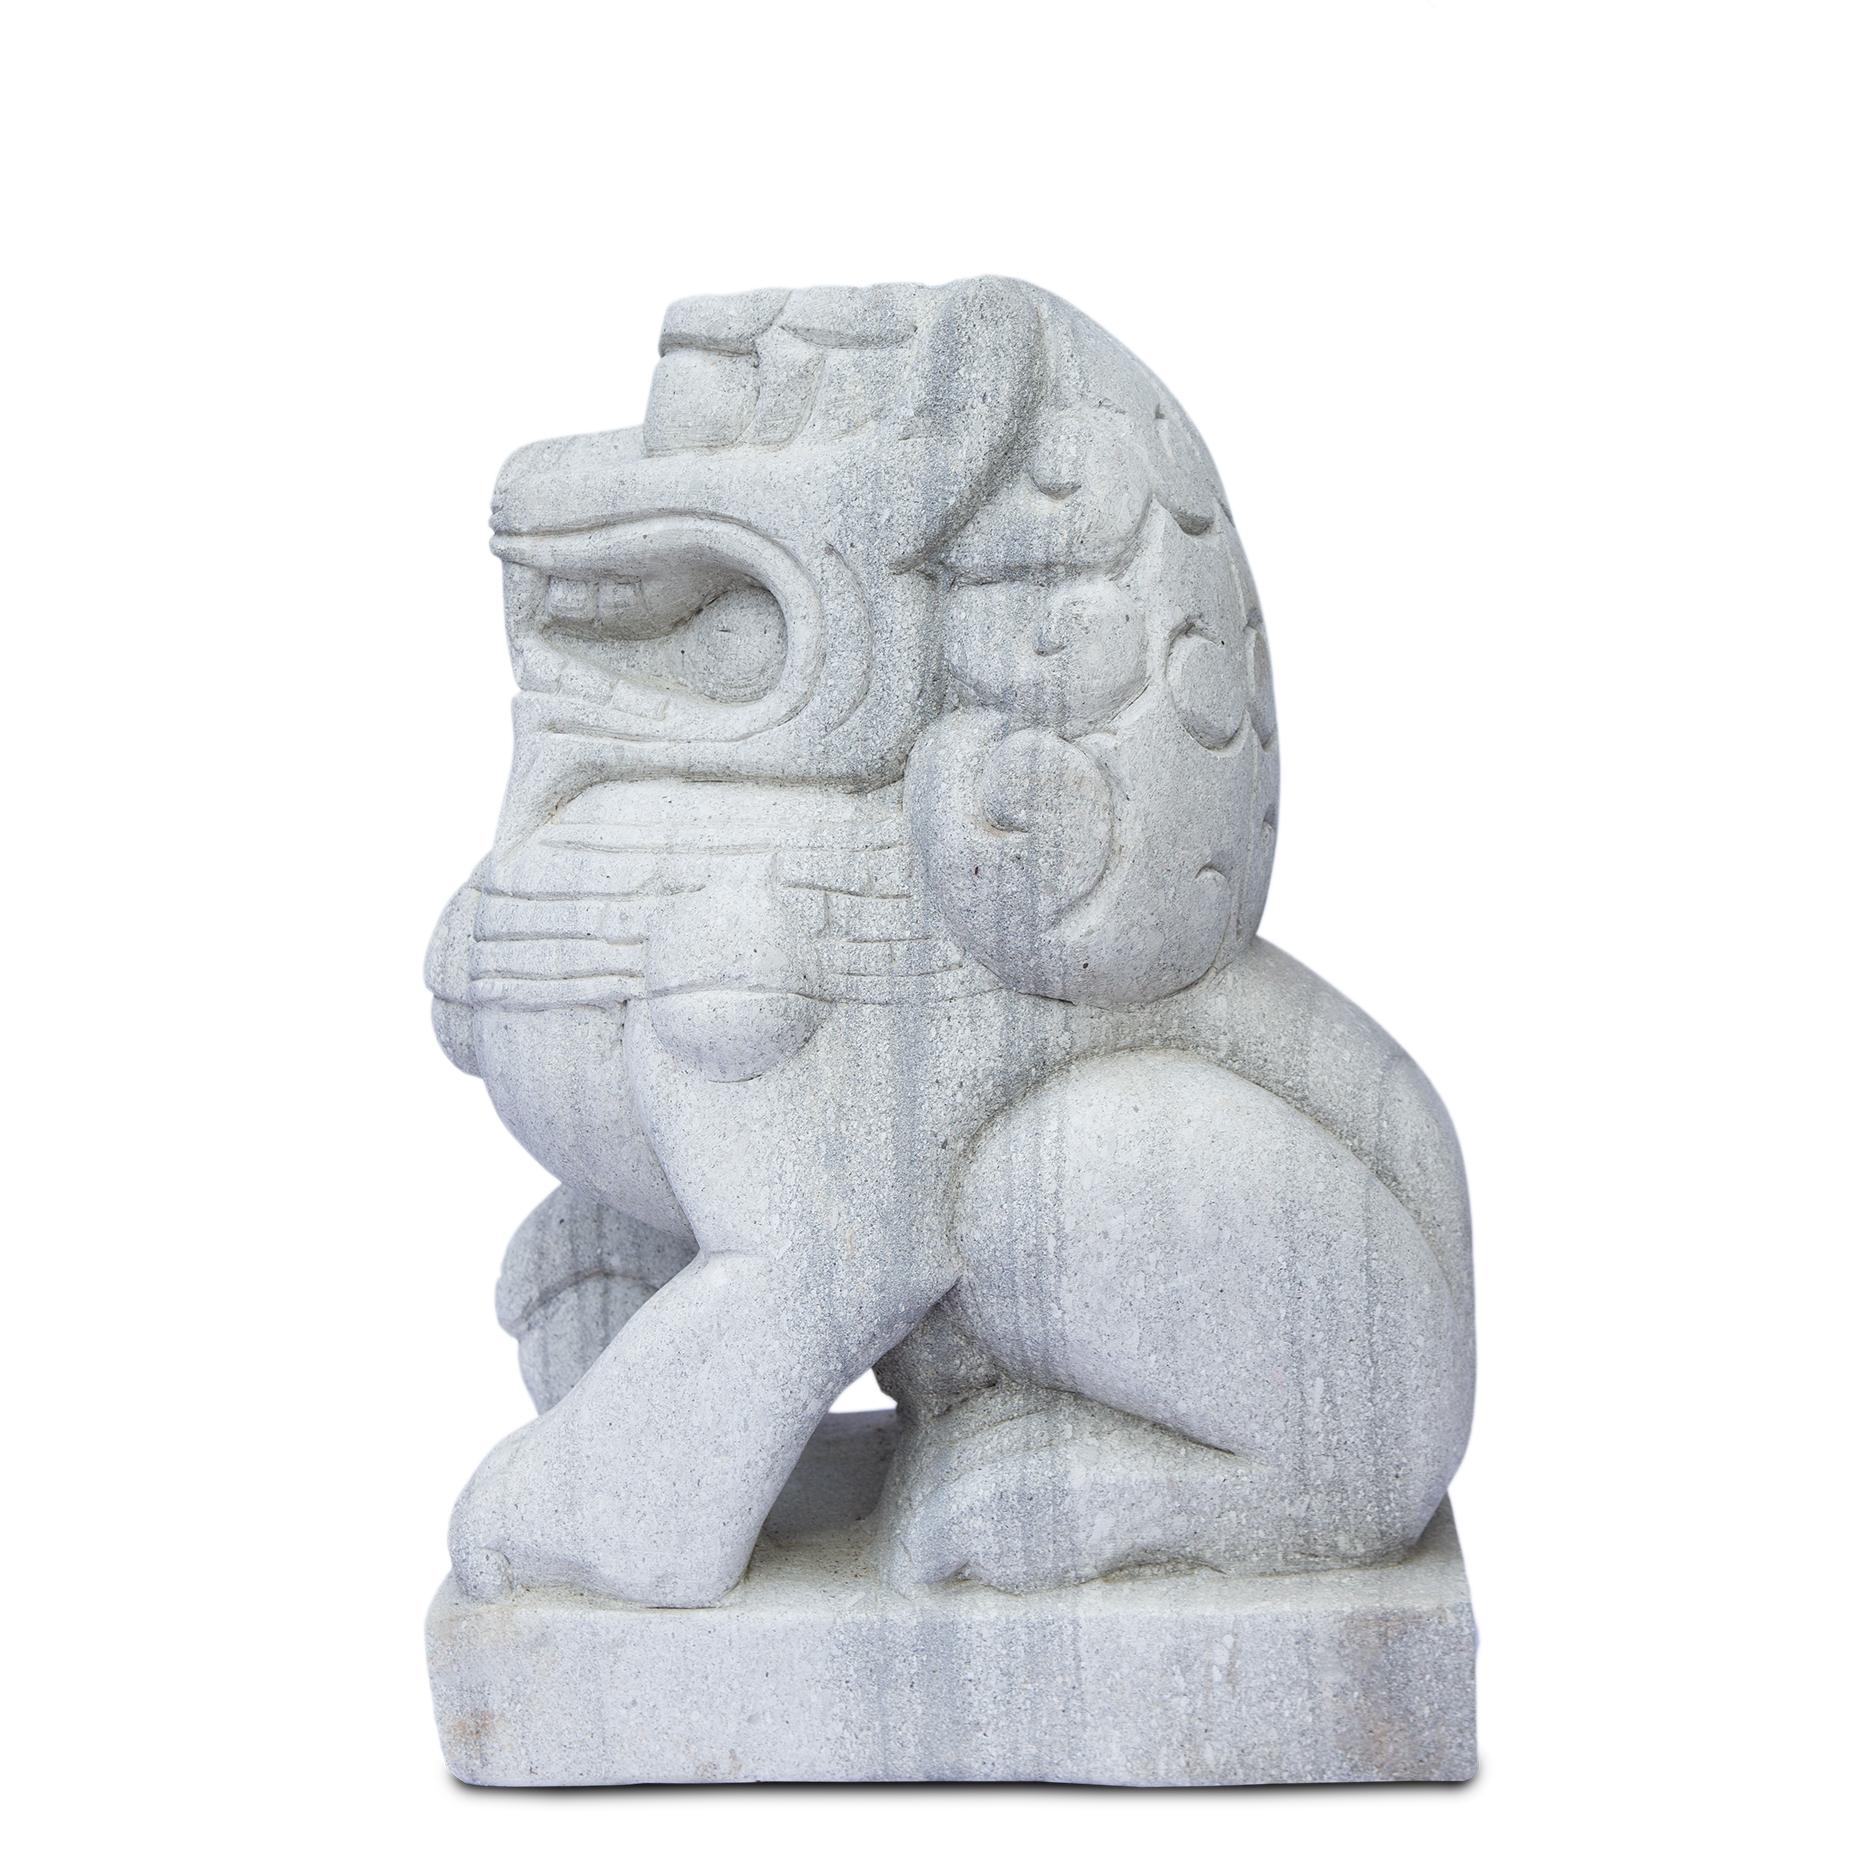 Fu Hund Wächterlöwe Skulptur Tempelwächter Rechts ca. 64 cm Wetterfest Stein-Gemisch massiv Grau – Bild 6